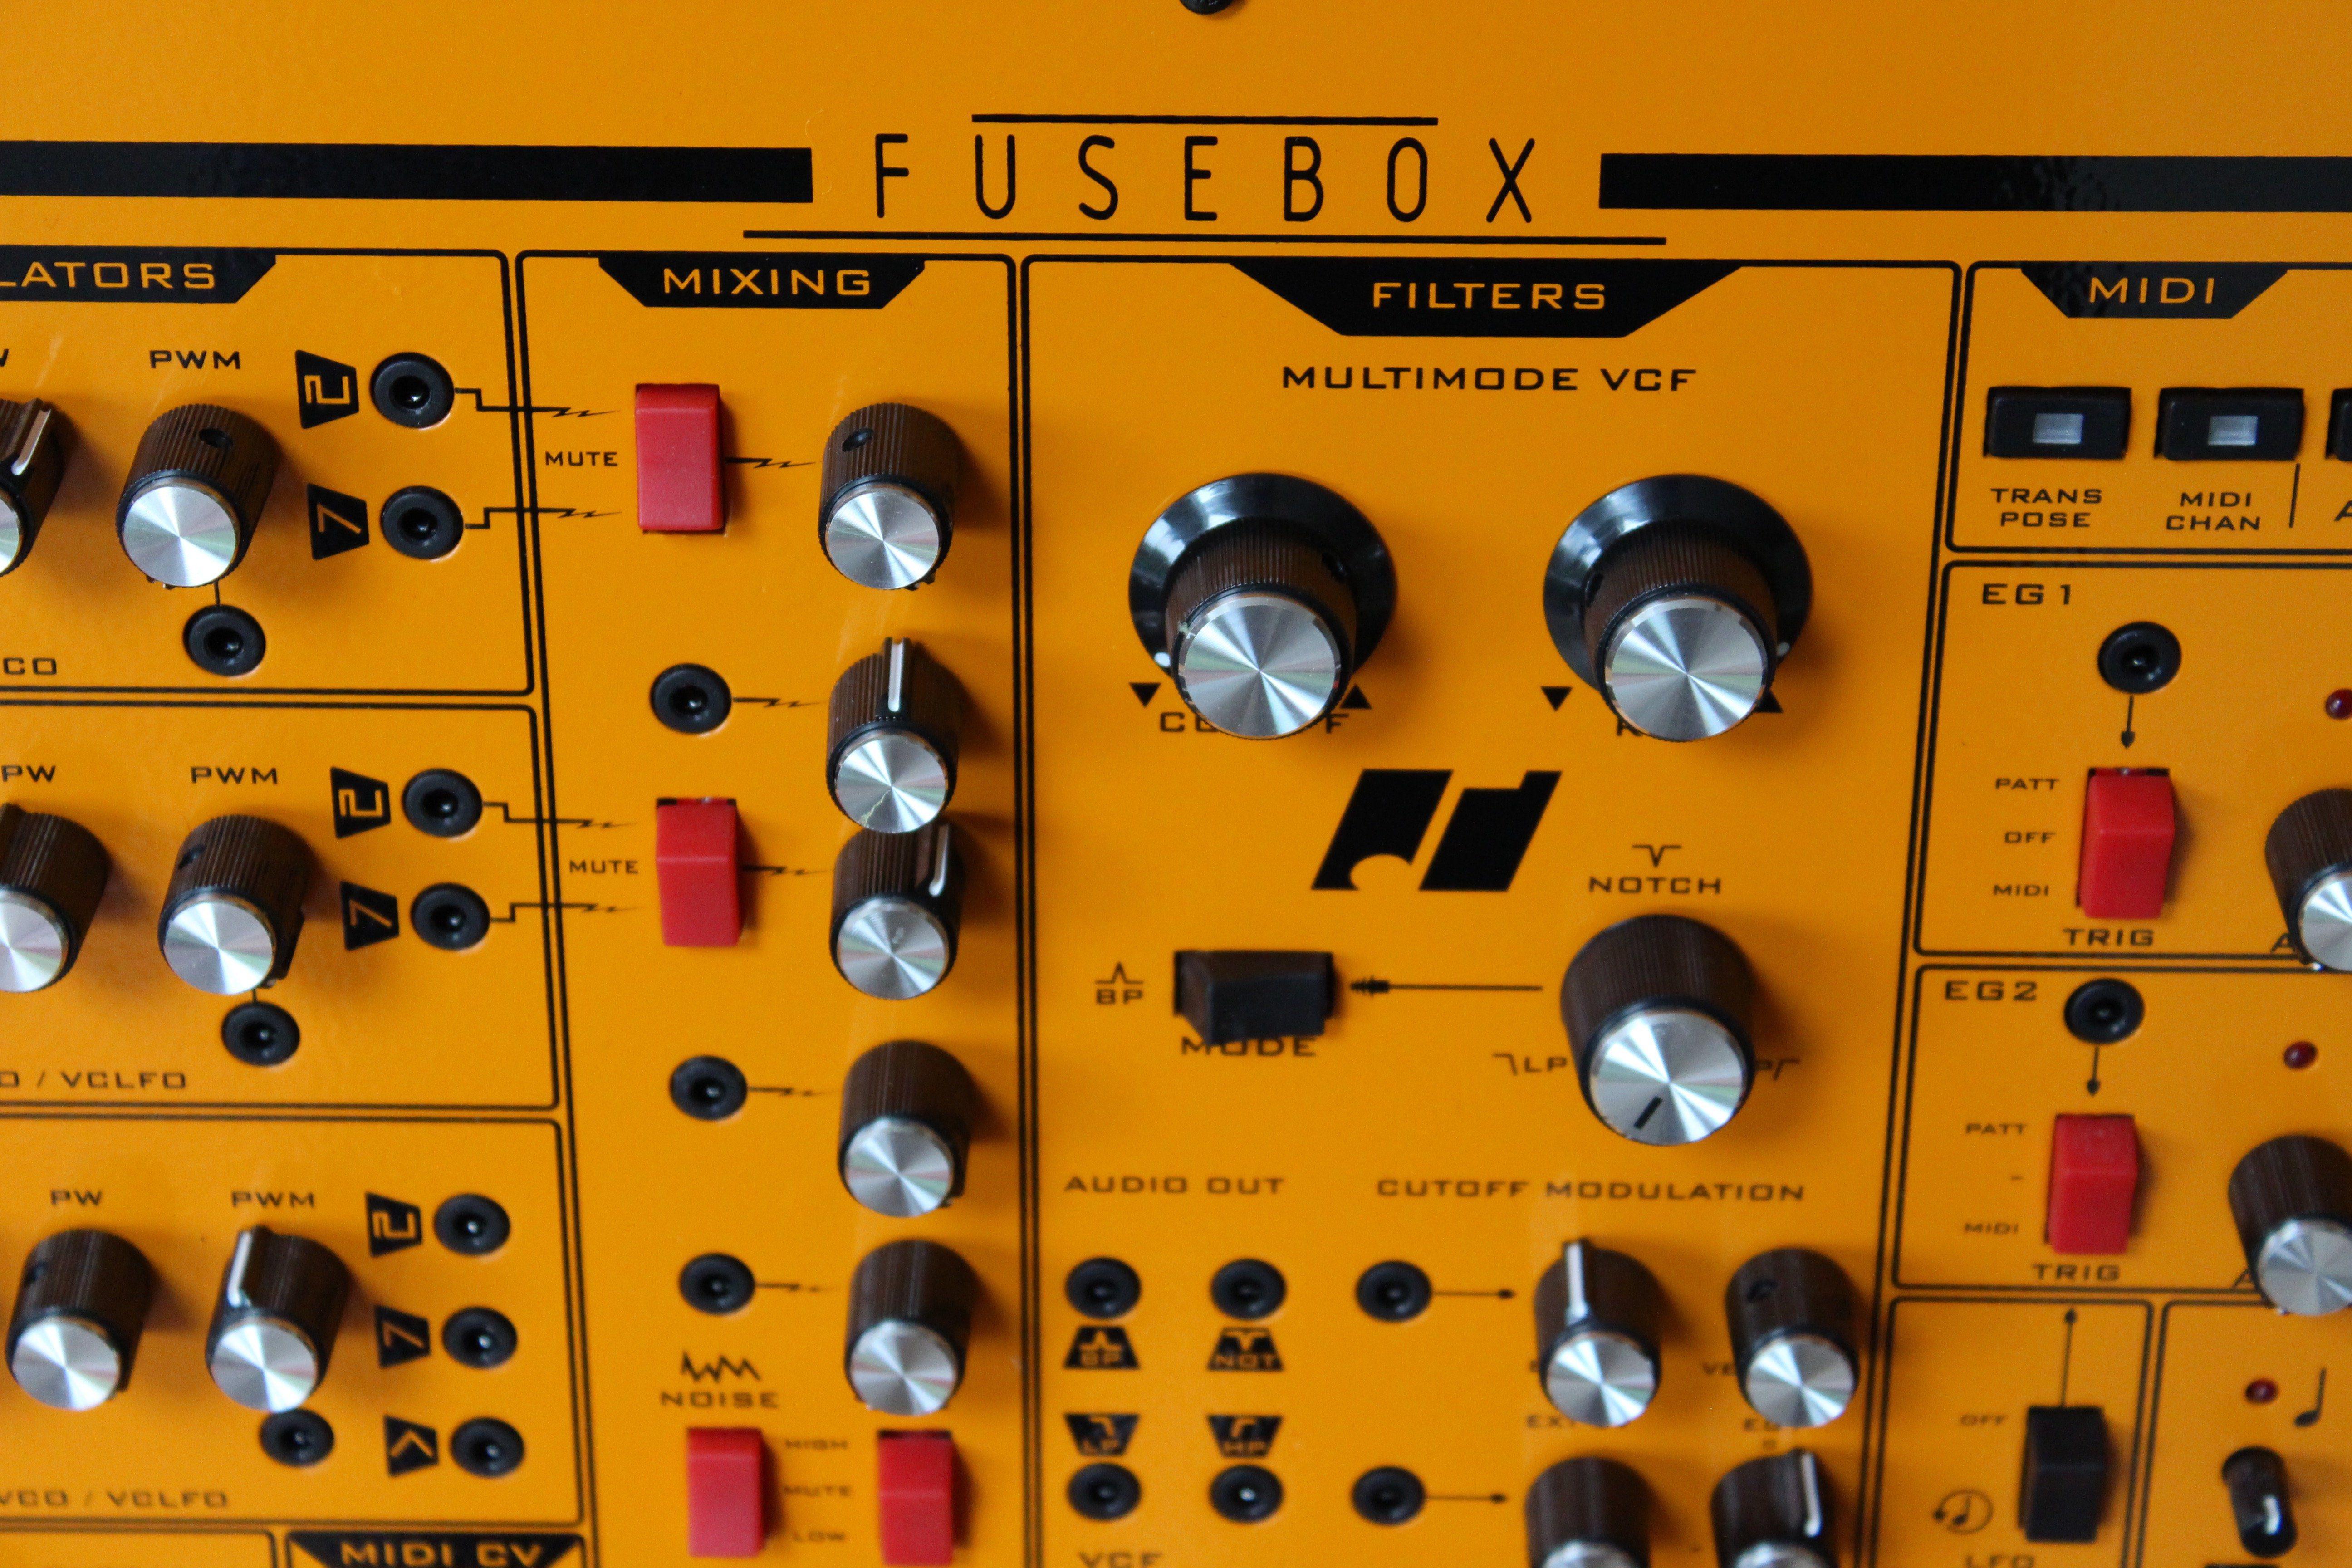 Test Analogue Solutions Fusebox Analogsynthesizer Audio Fuse Box Mit Der Ppigen Ausstattung An Schnittstellen Ist Die Sehr Flexibel Ins Setup Zu Integrieren Und Kann Das Herzstck Sicherungskasten Des Setups